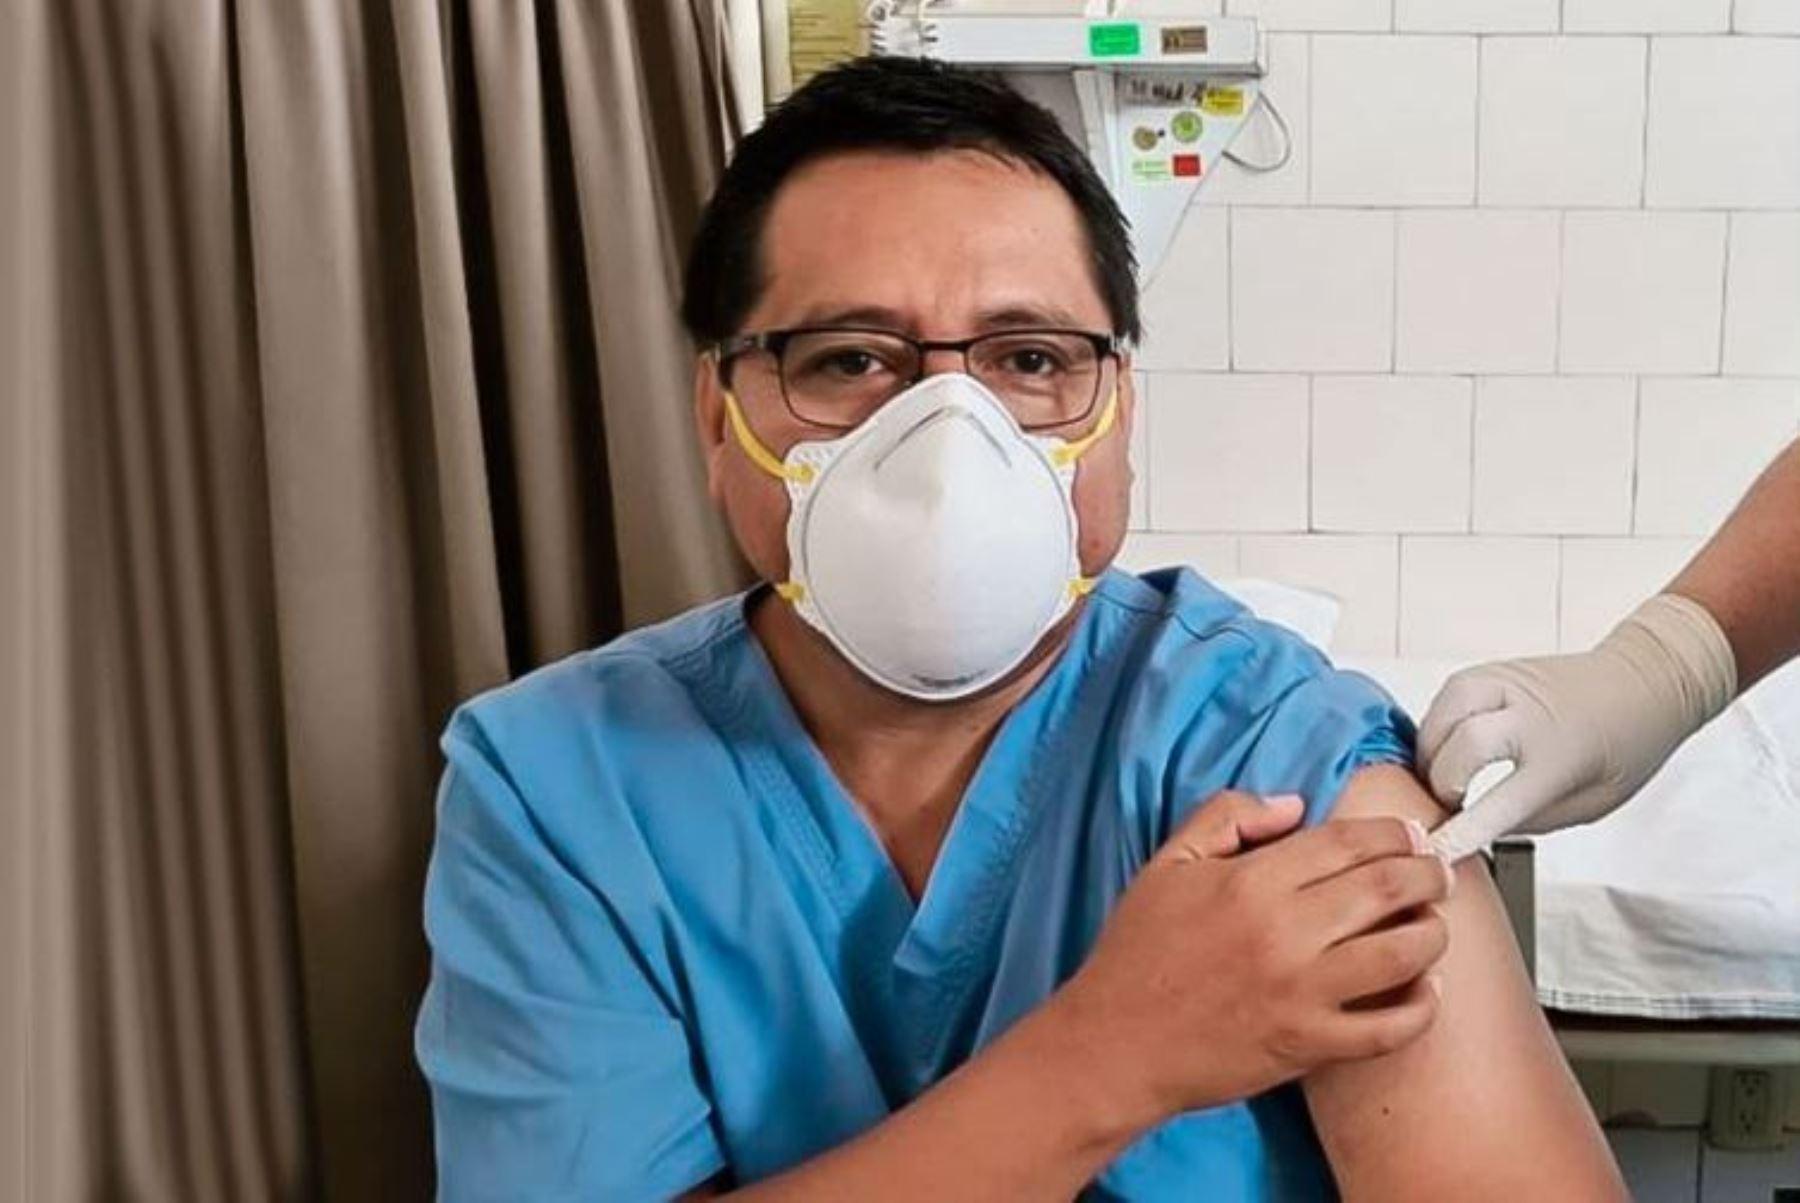 Jesús Valverde, doctor del hospital Dos de Mayo y presidente de la Sociedad Peruana de Medicina Intensiva, fue uno de los primeros médicos en recibir la vacuna contra el covid-19. Foto: ANDINA/archivo.